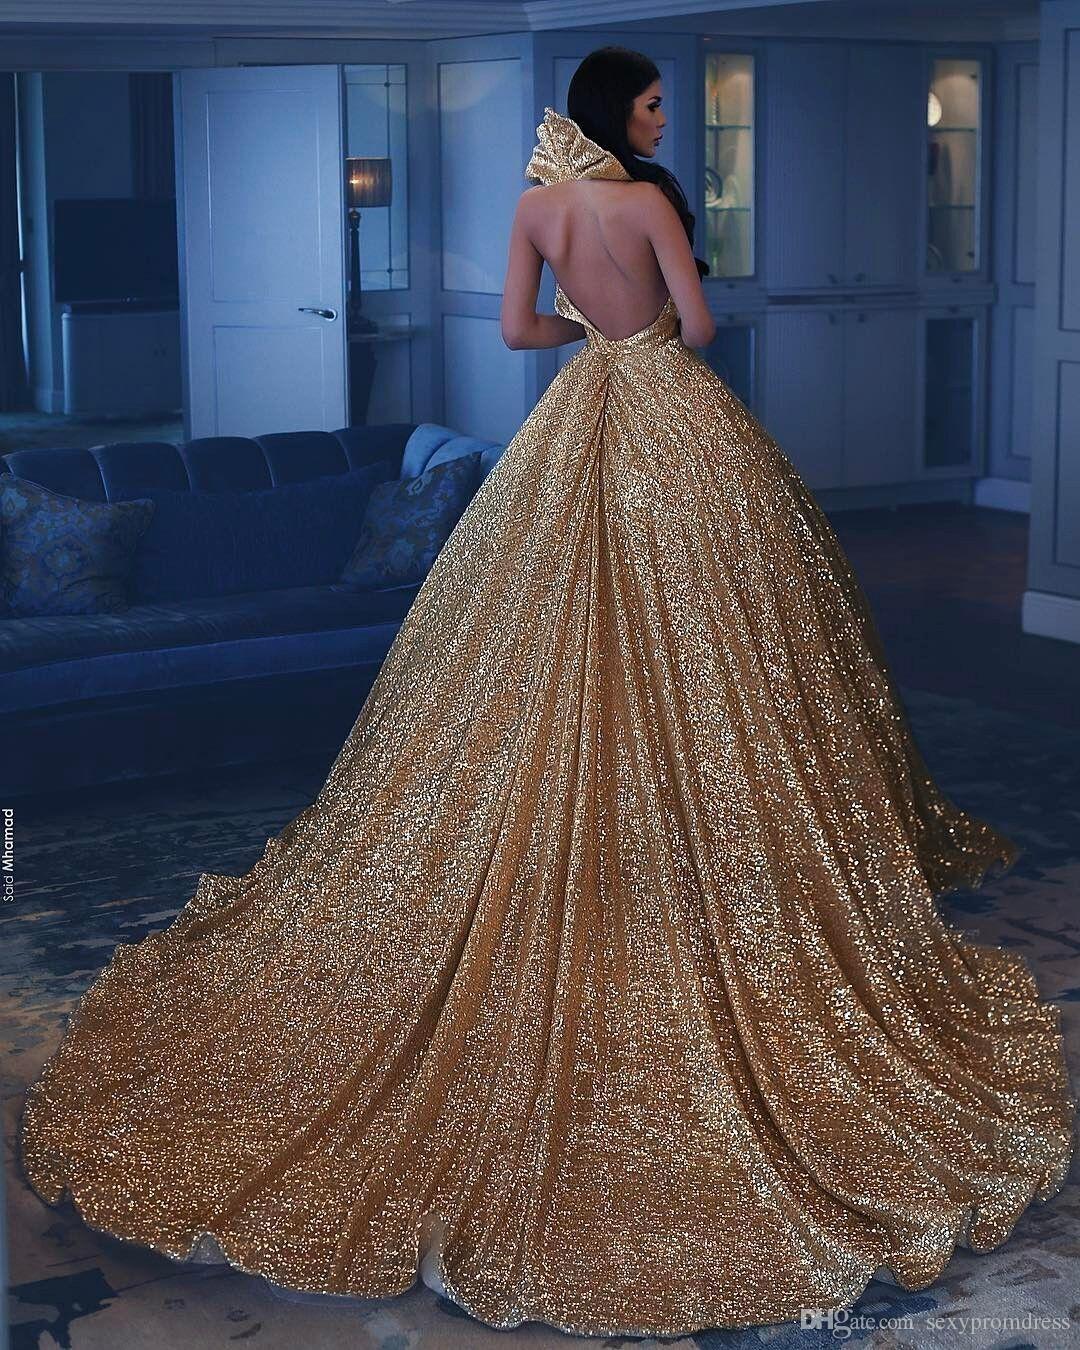 GoldSequined Shinning Abschlussball-Kleider 2k17-2018 reizvolle tiefe V-Ausschnitt Backless Abendkleider Gericht Zug Cocktailparty Vestidos nach Maß